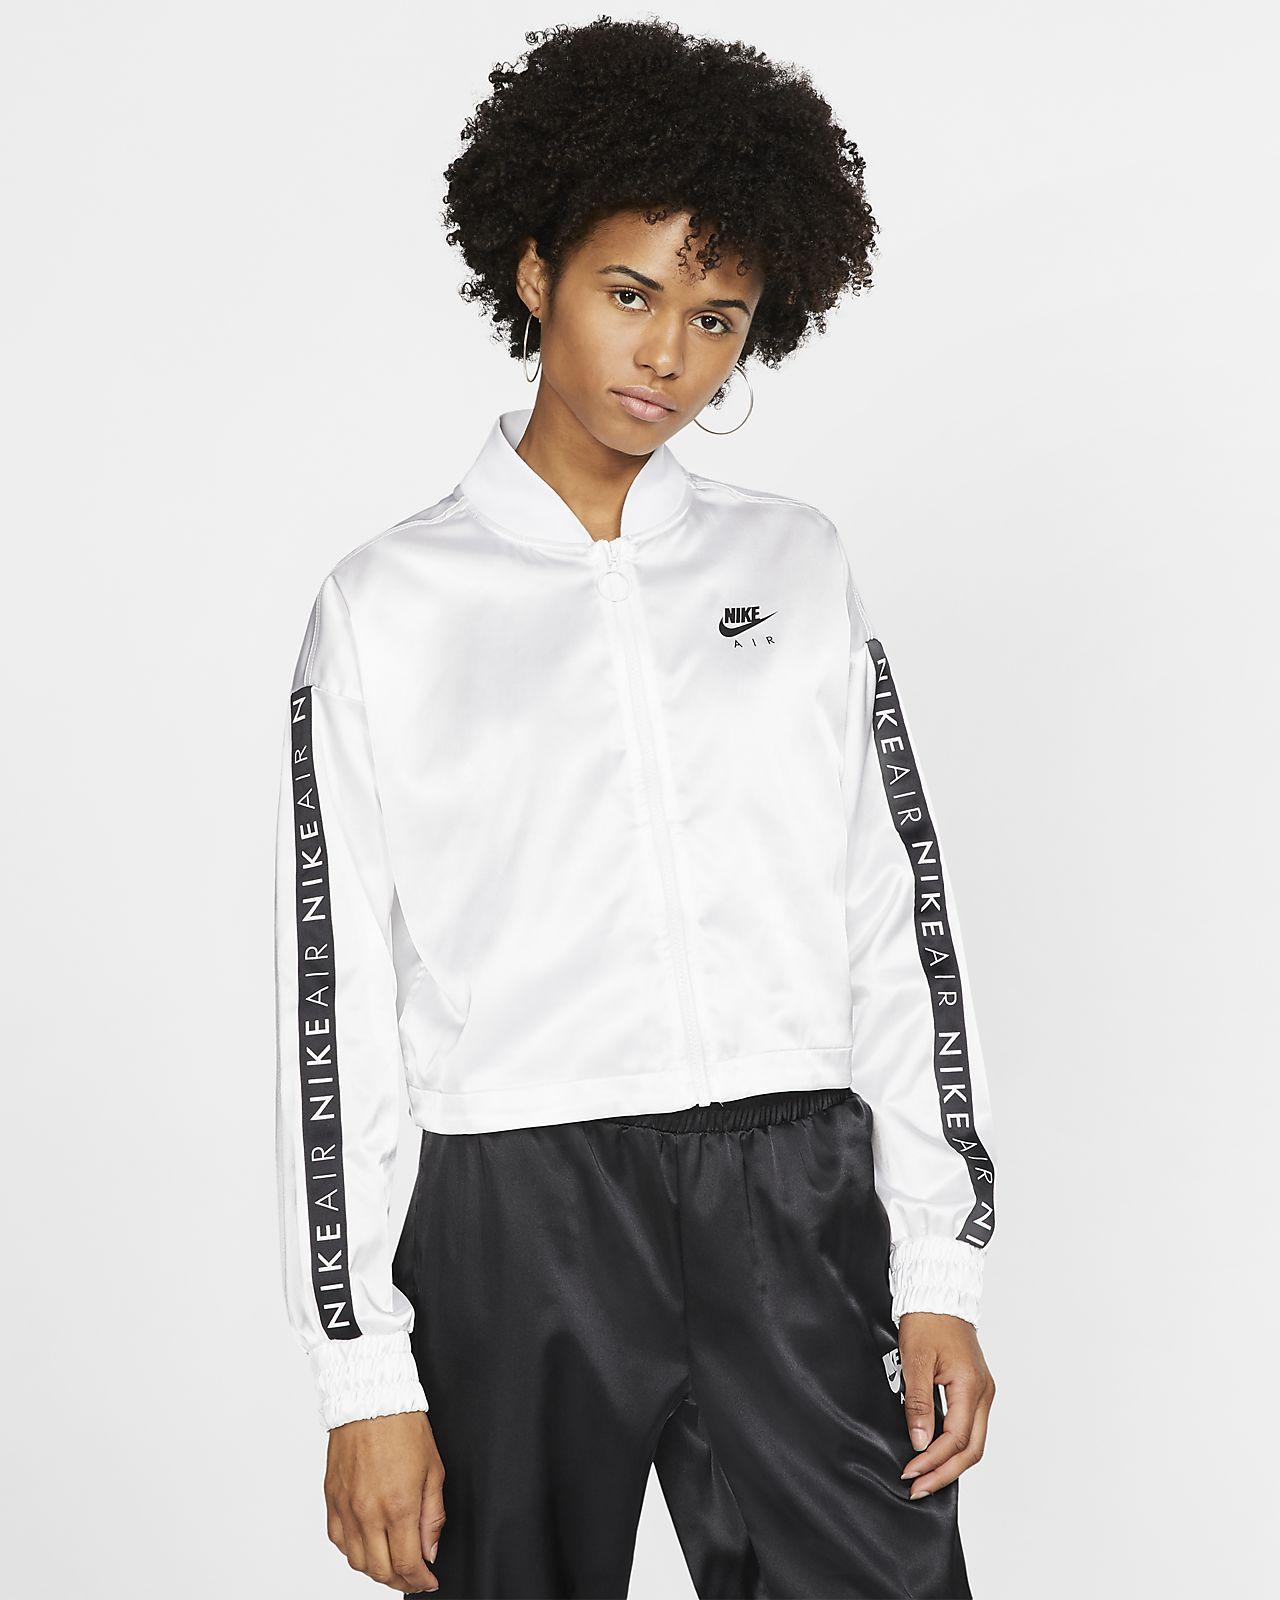 sprzedaż rozsądna cena świetne ceny Damska satynowa bluza dresowa Nike Air